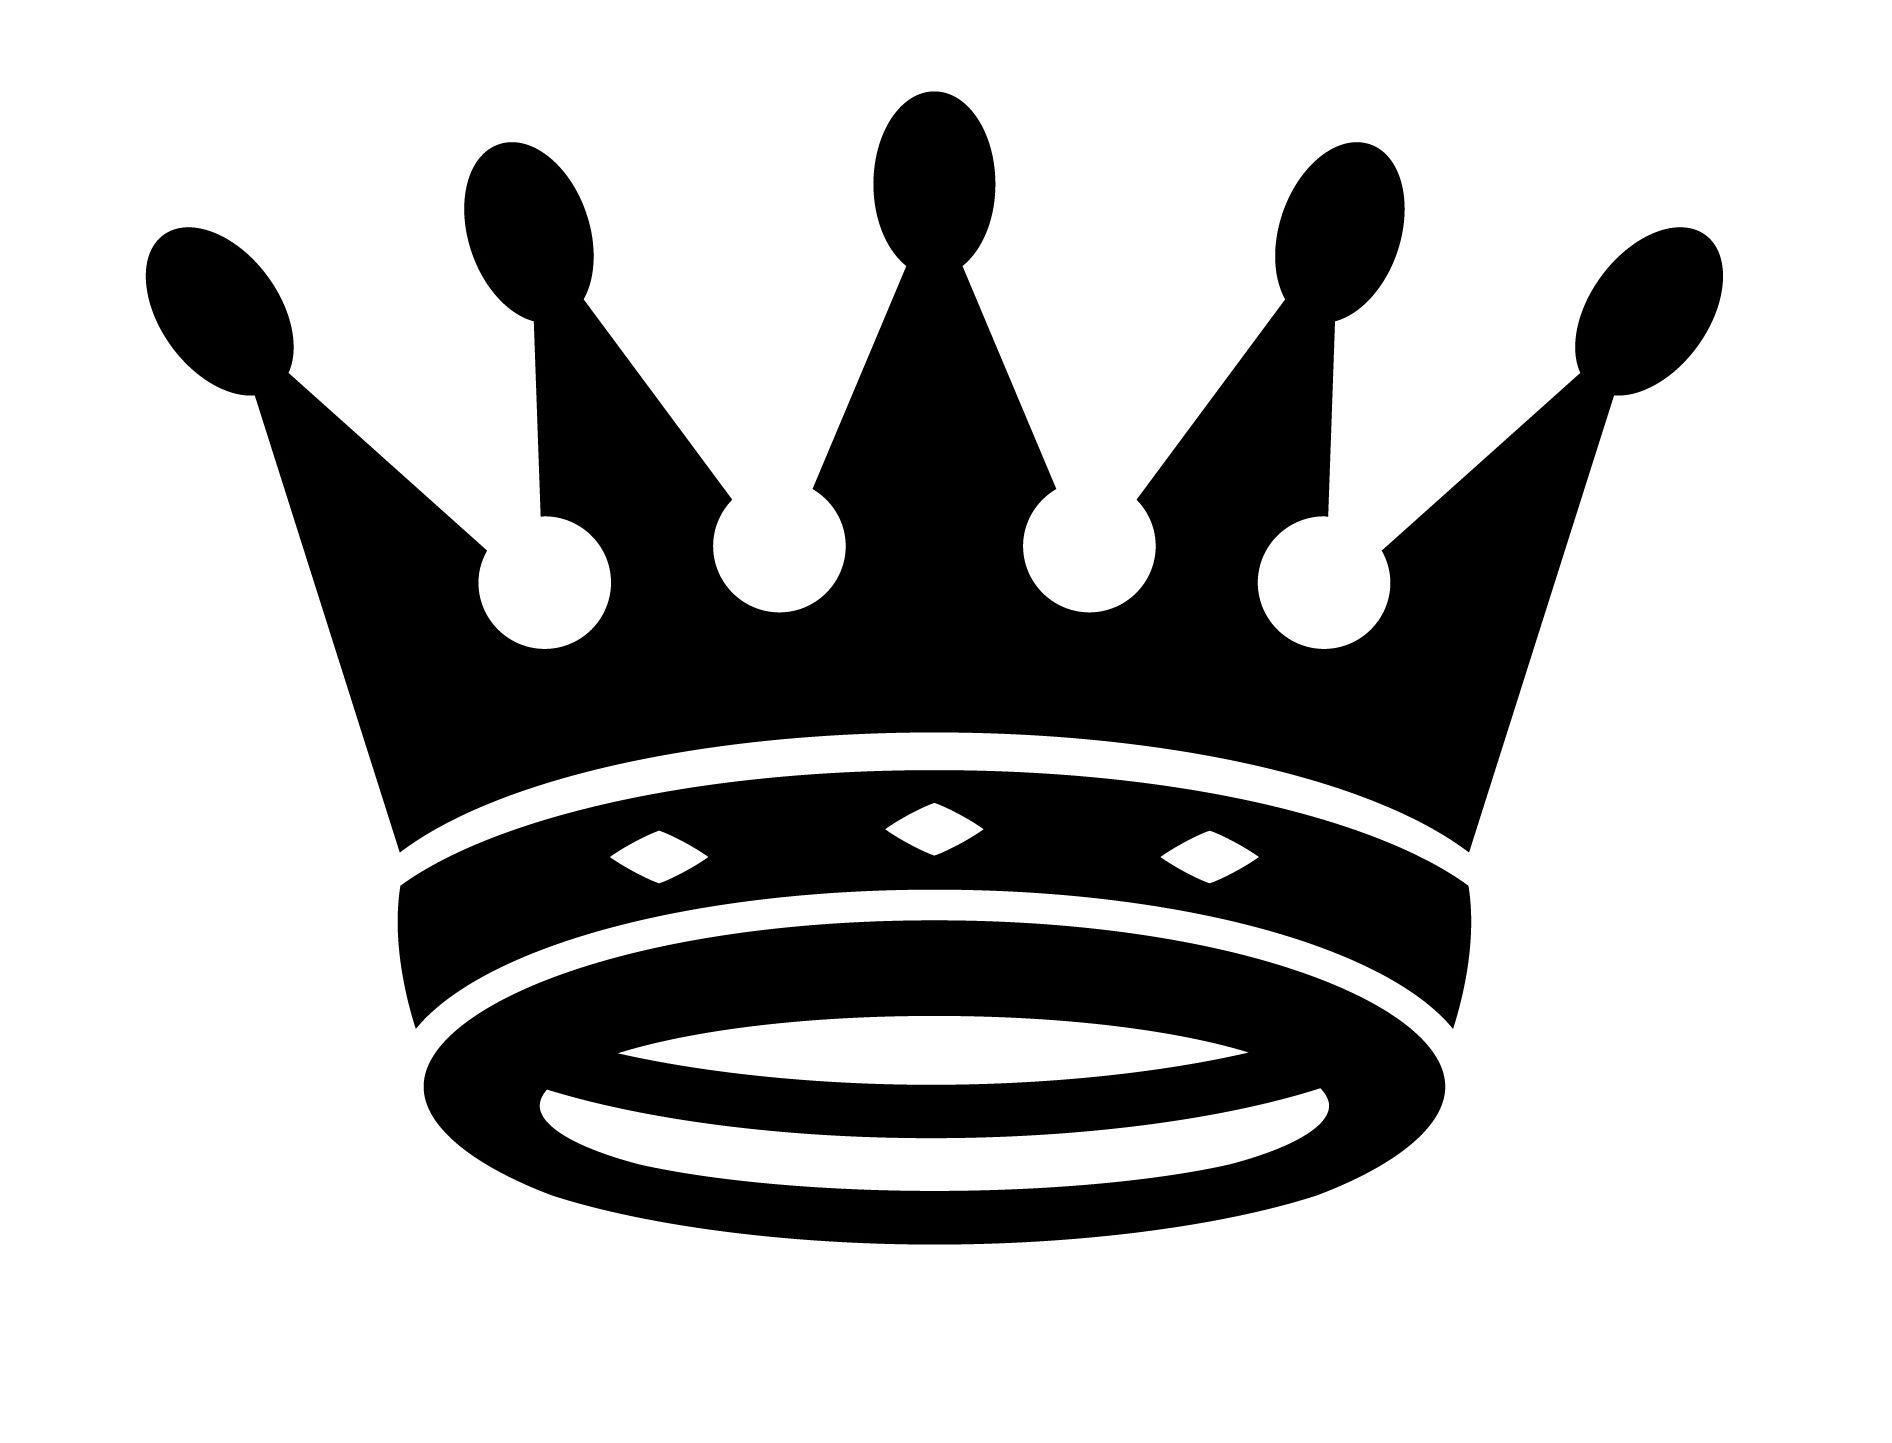 Queen crown crown.